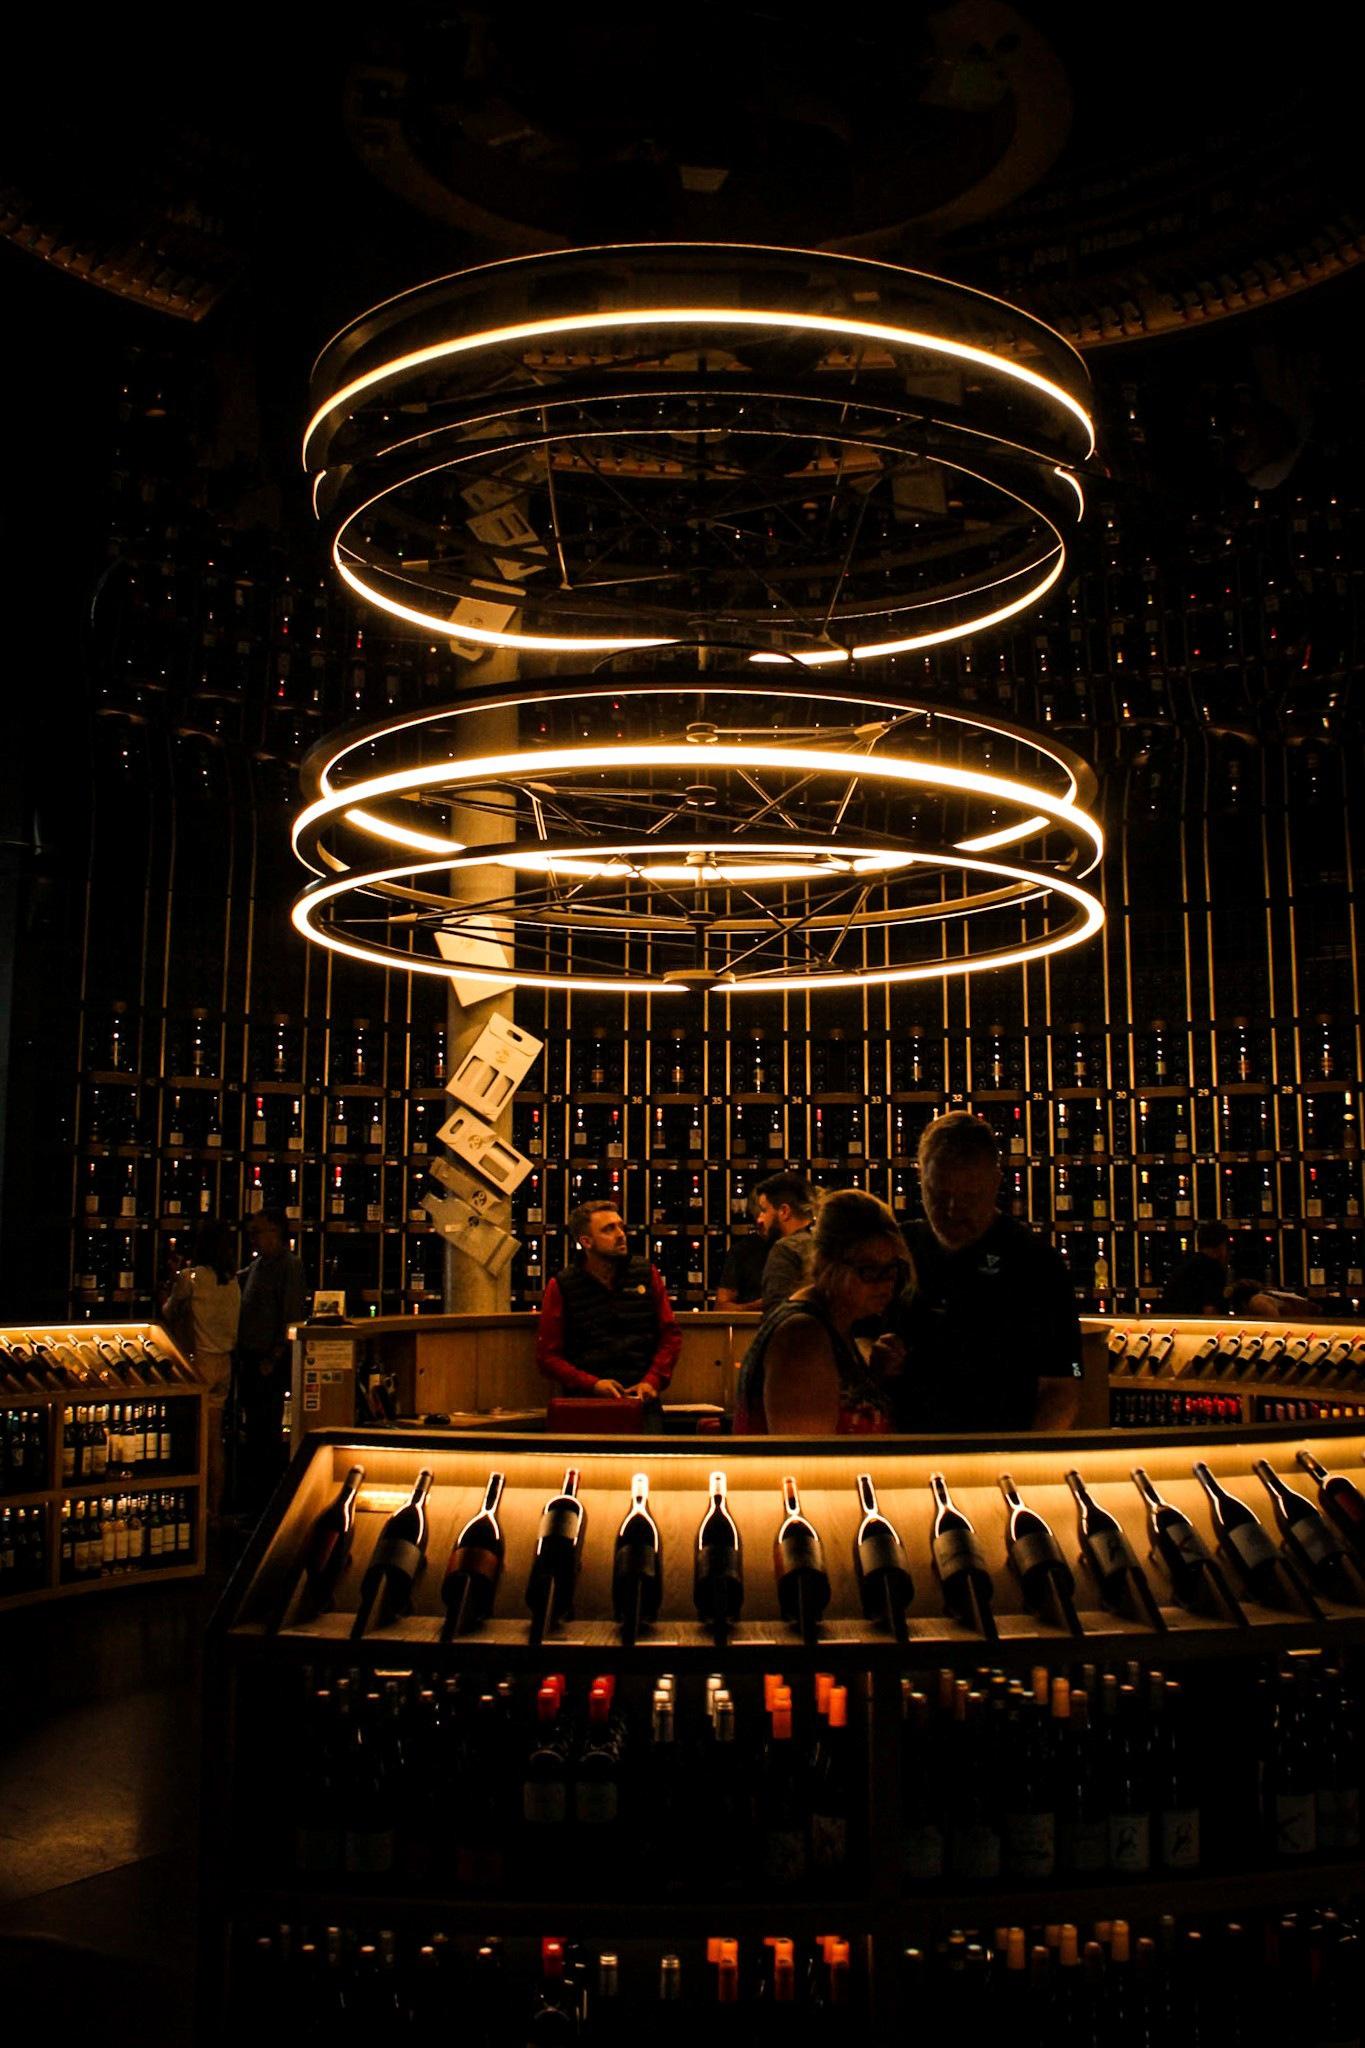 La cité du vin  by Nelly Dupuydenus